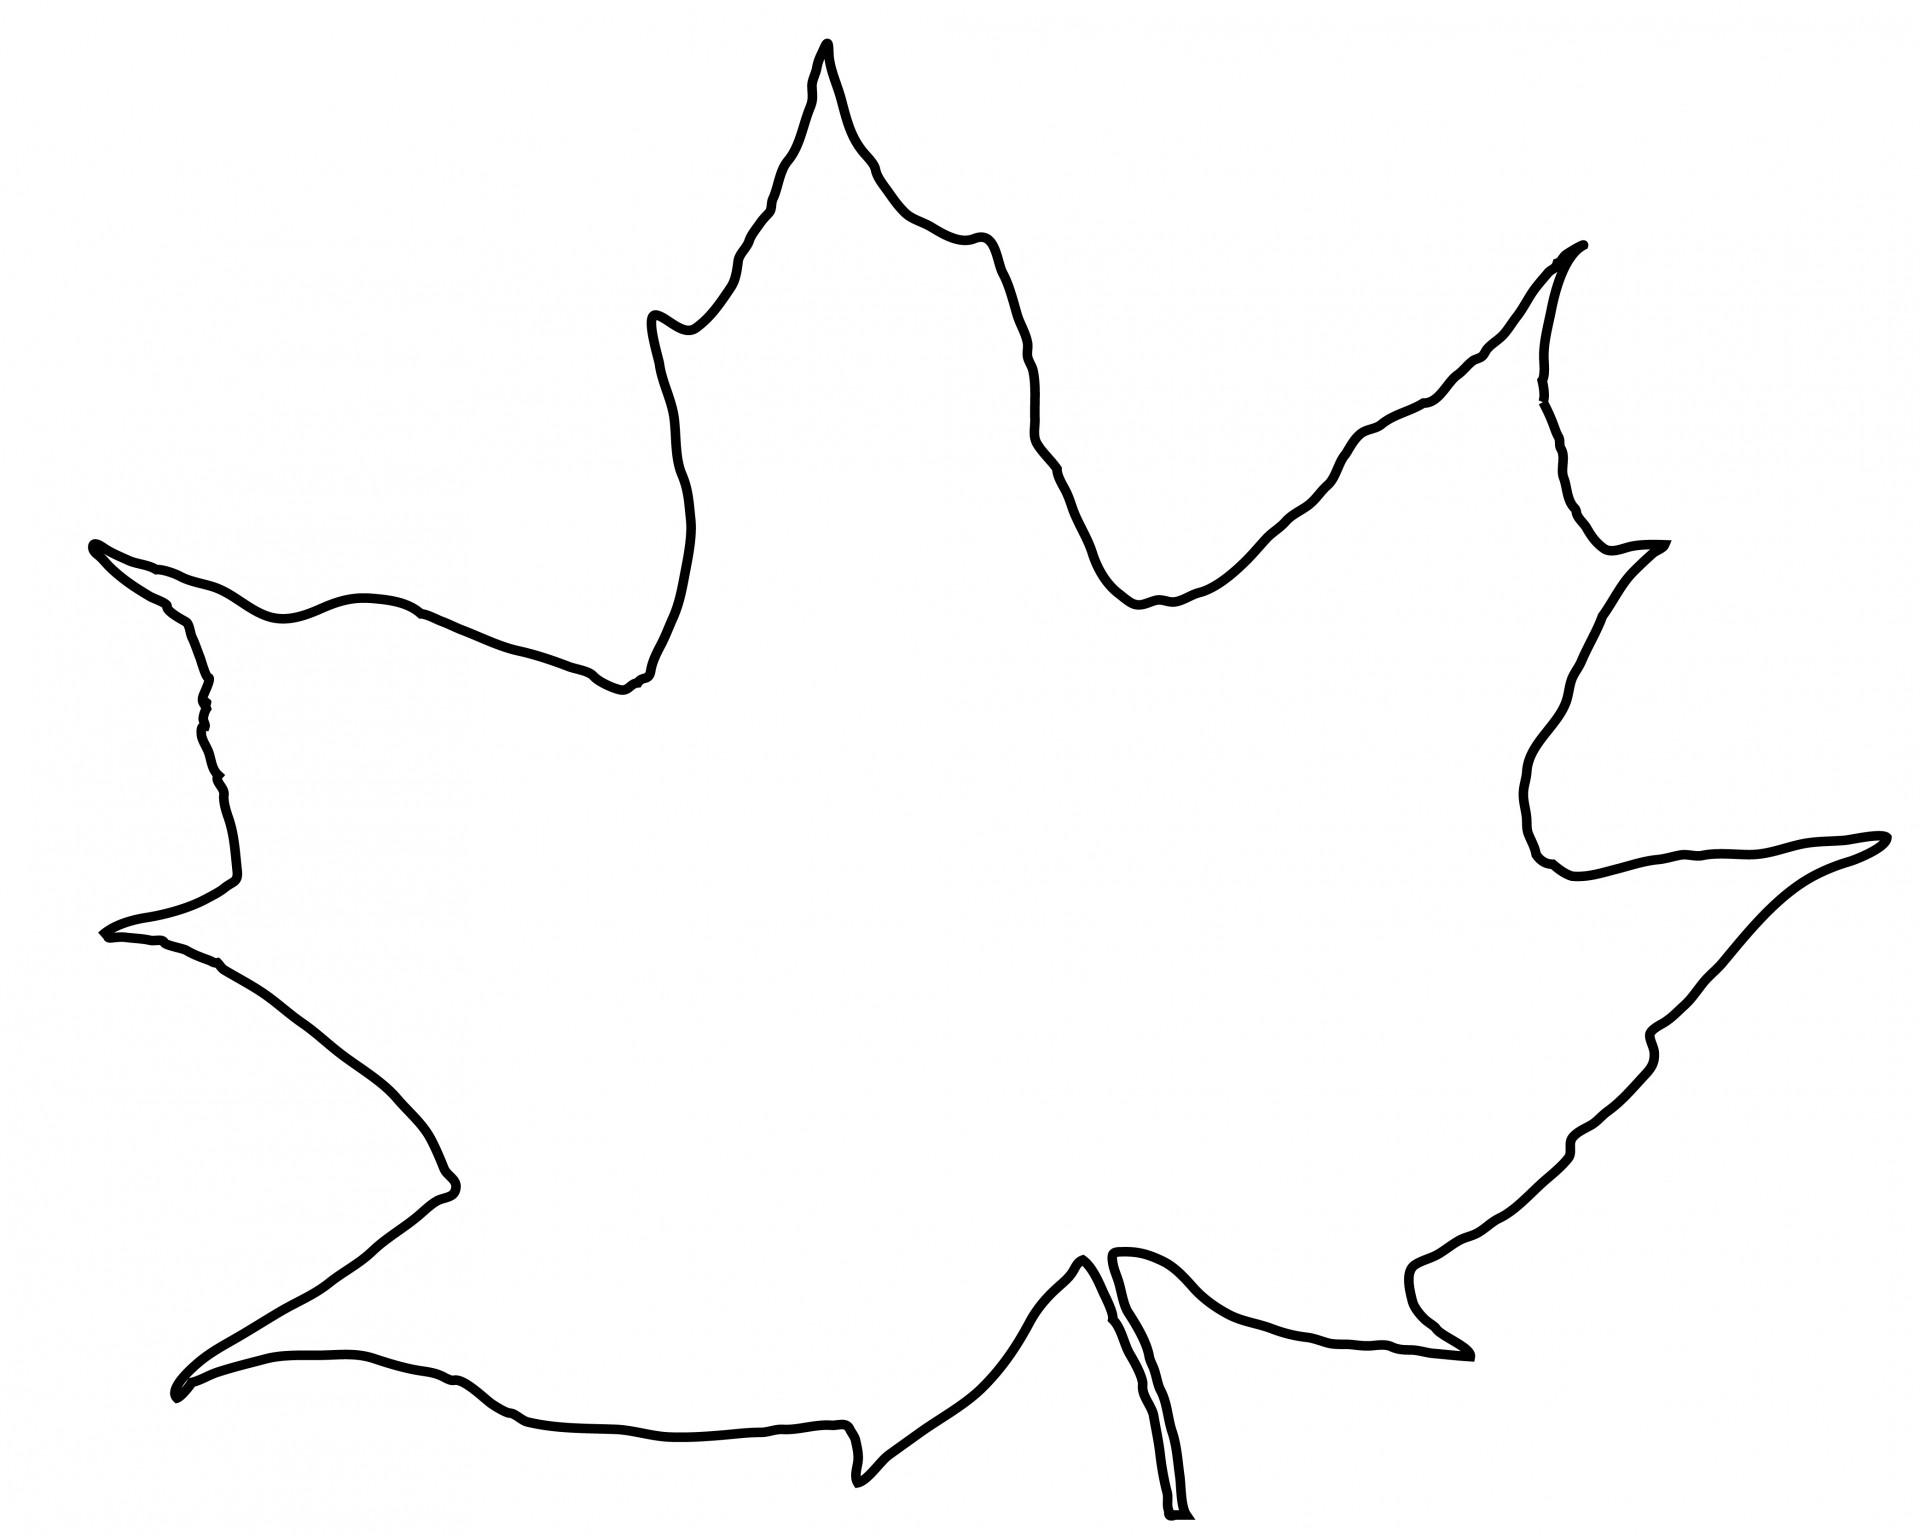 6 Leaf Outline Images